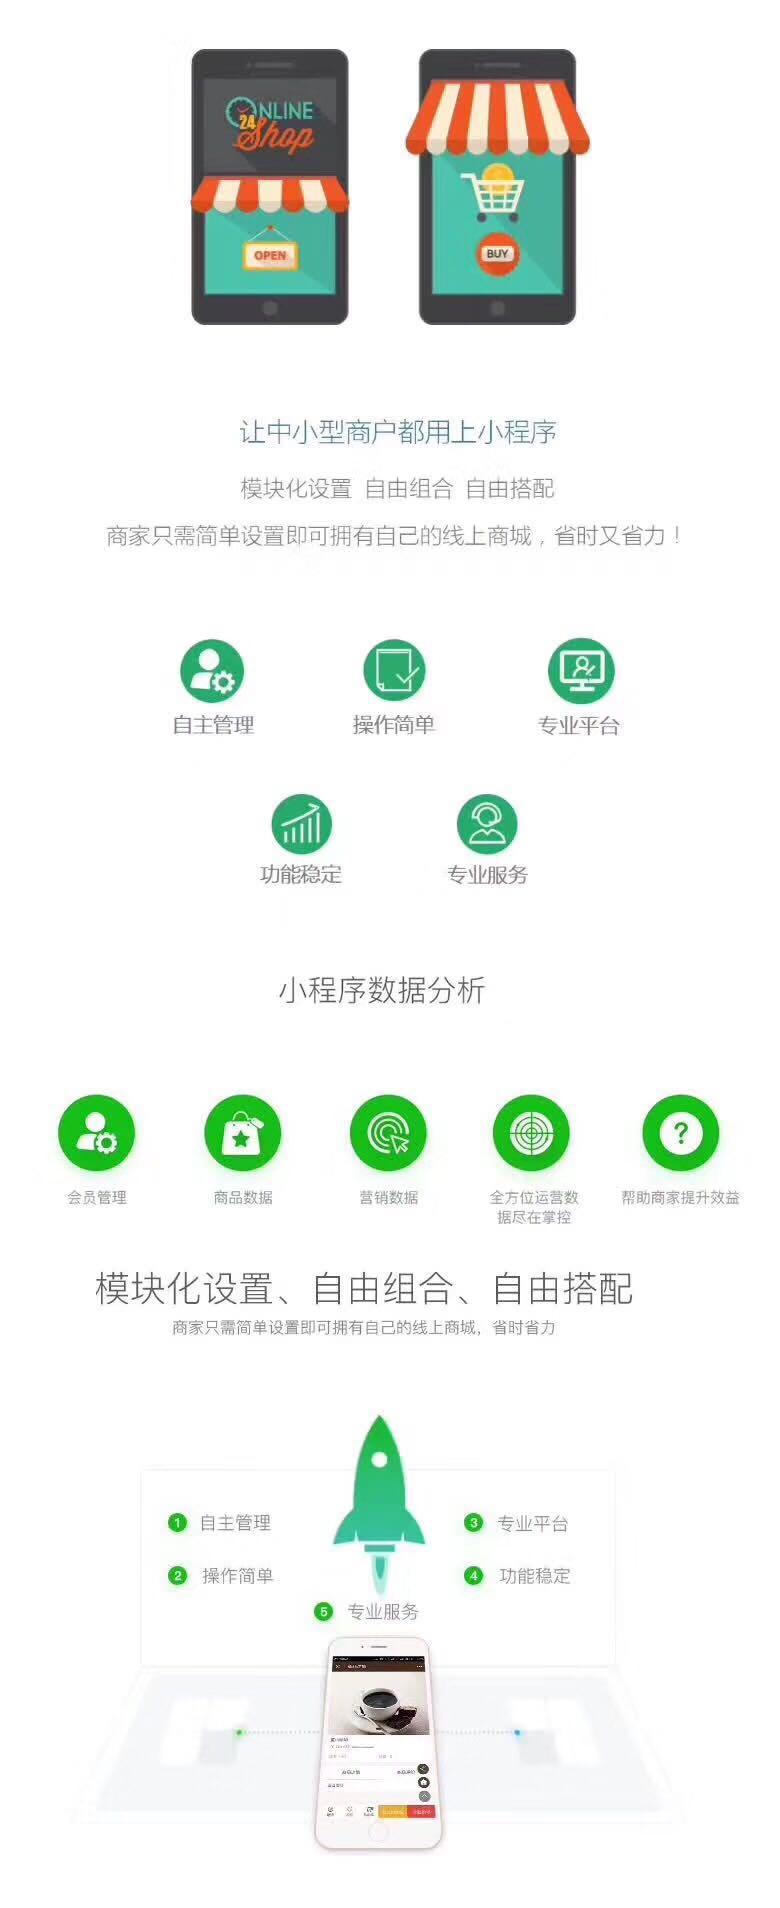 福建小程序开发案例-福州好用的小程序万博体育app官网安卓